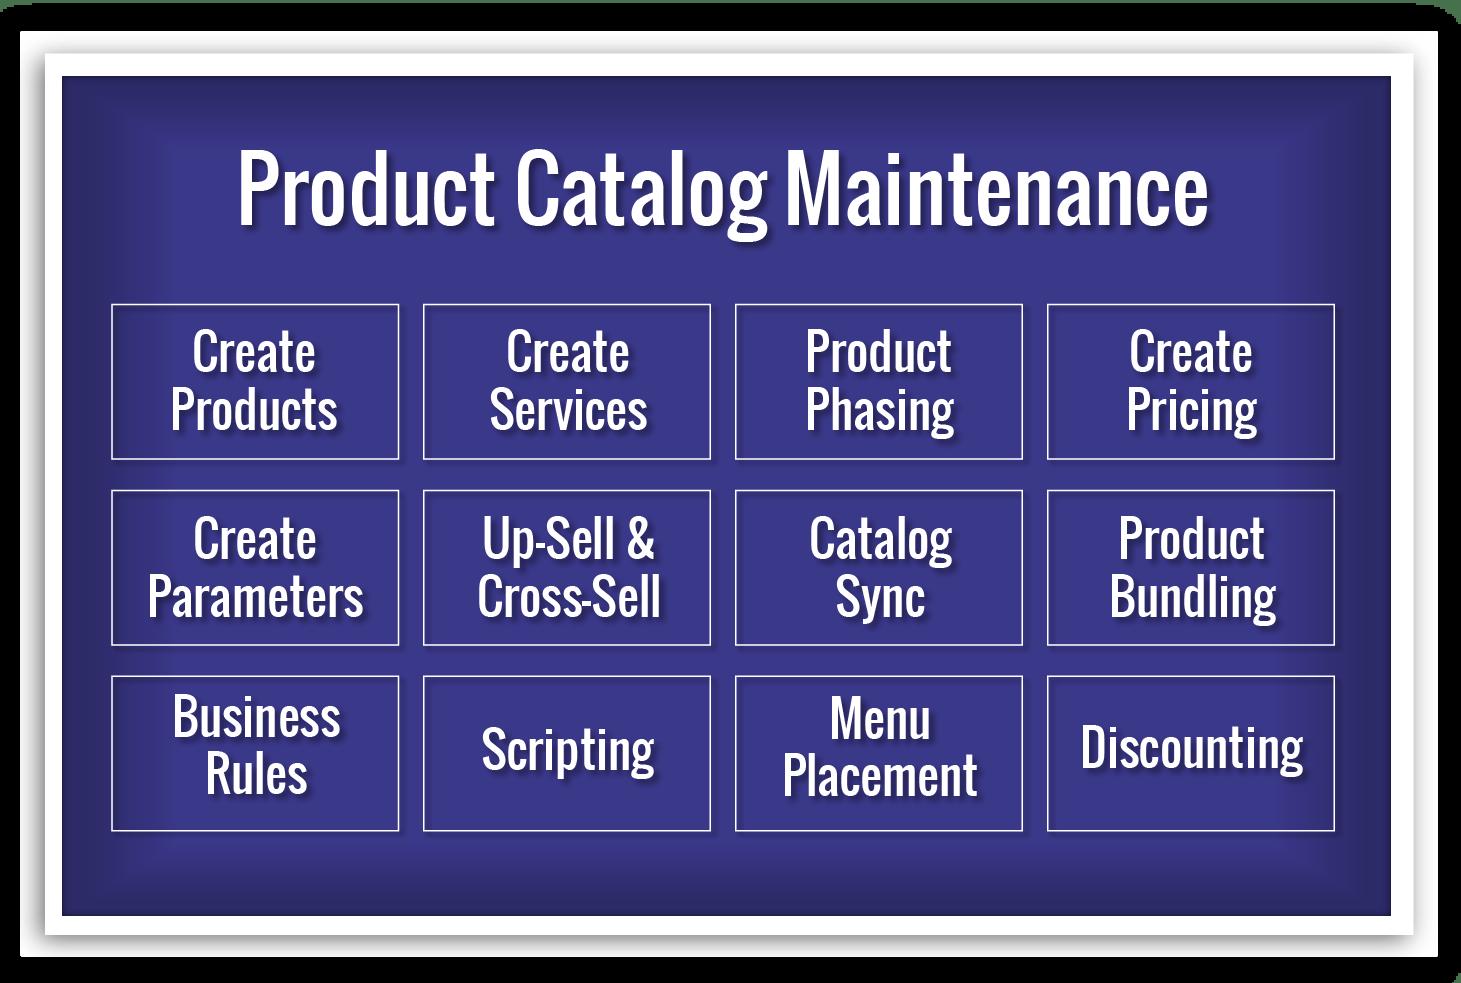 Product Catalog Maintenance